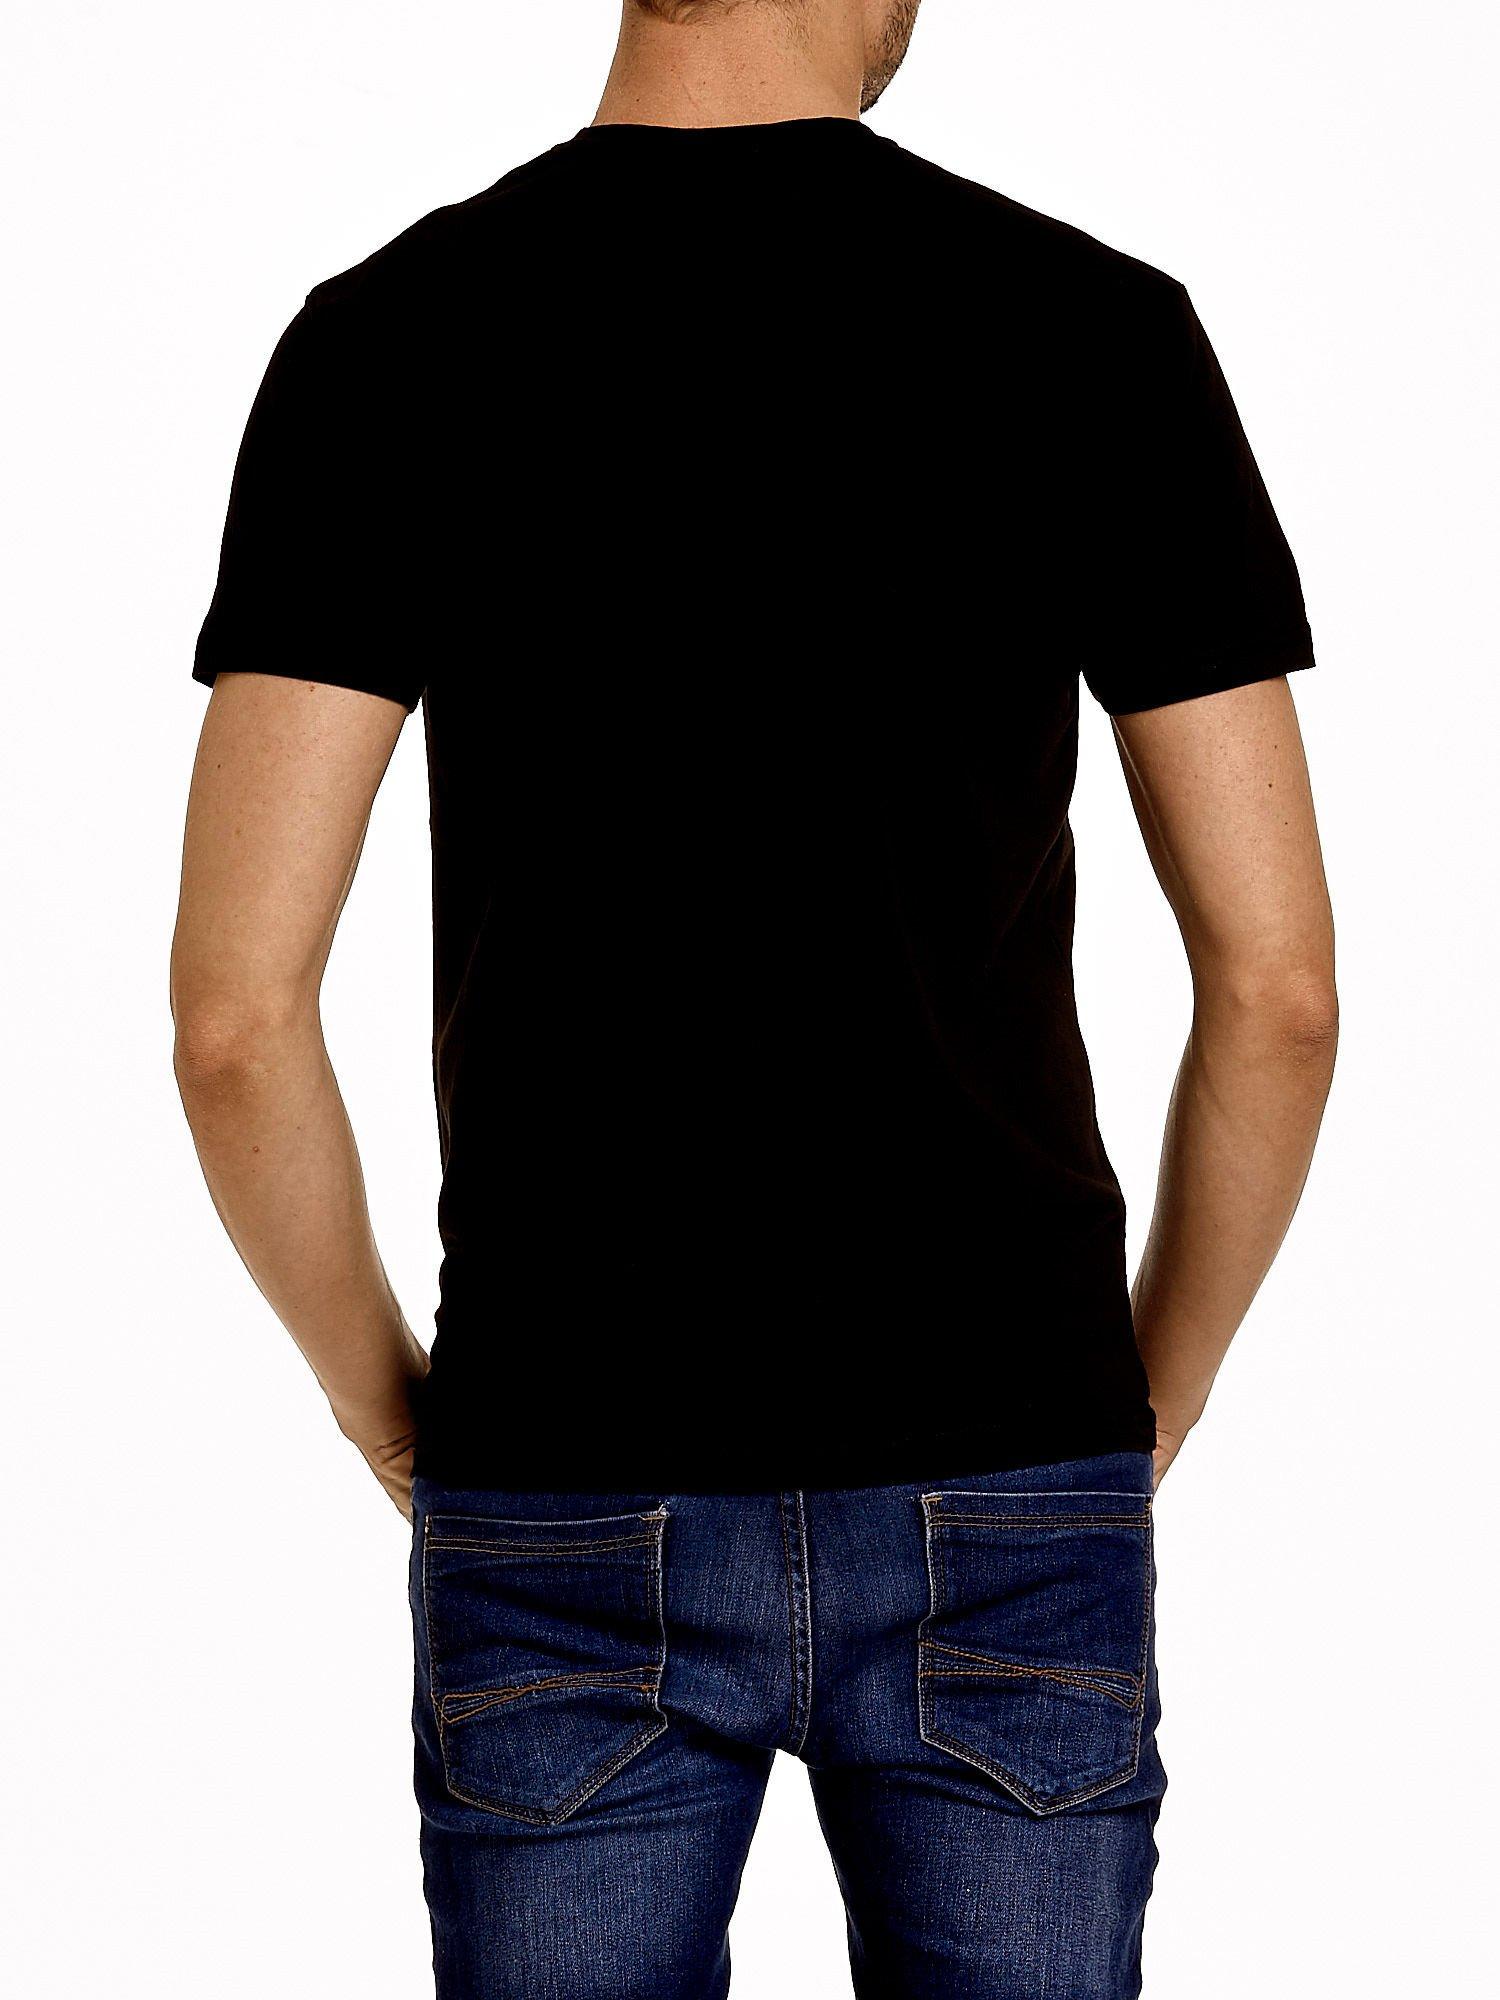 Czarny t-shirt męski z napisem CHAMPION i liczbą 28                                  zdj.                                  2